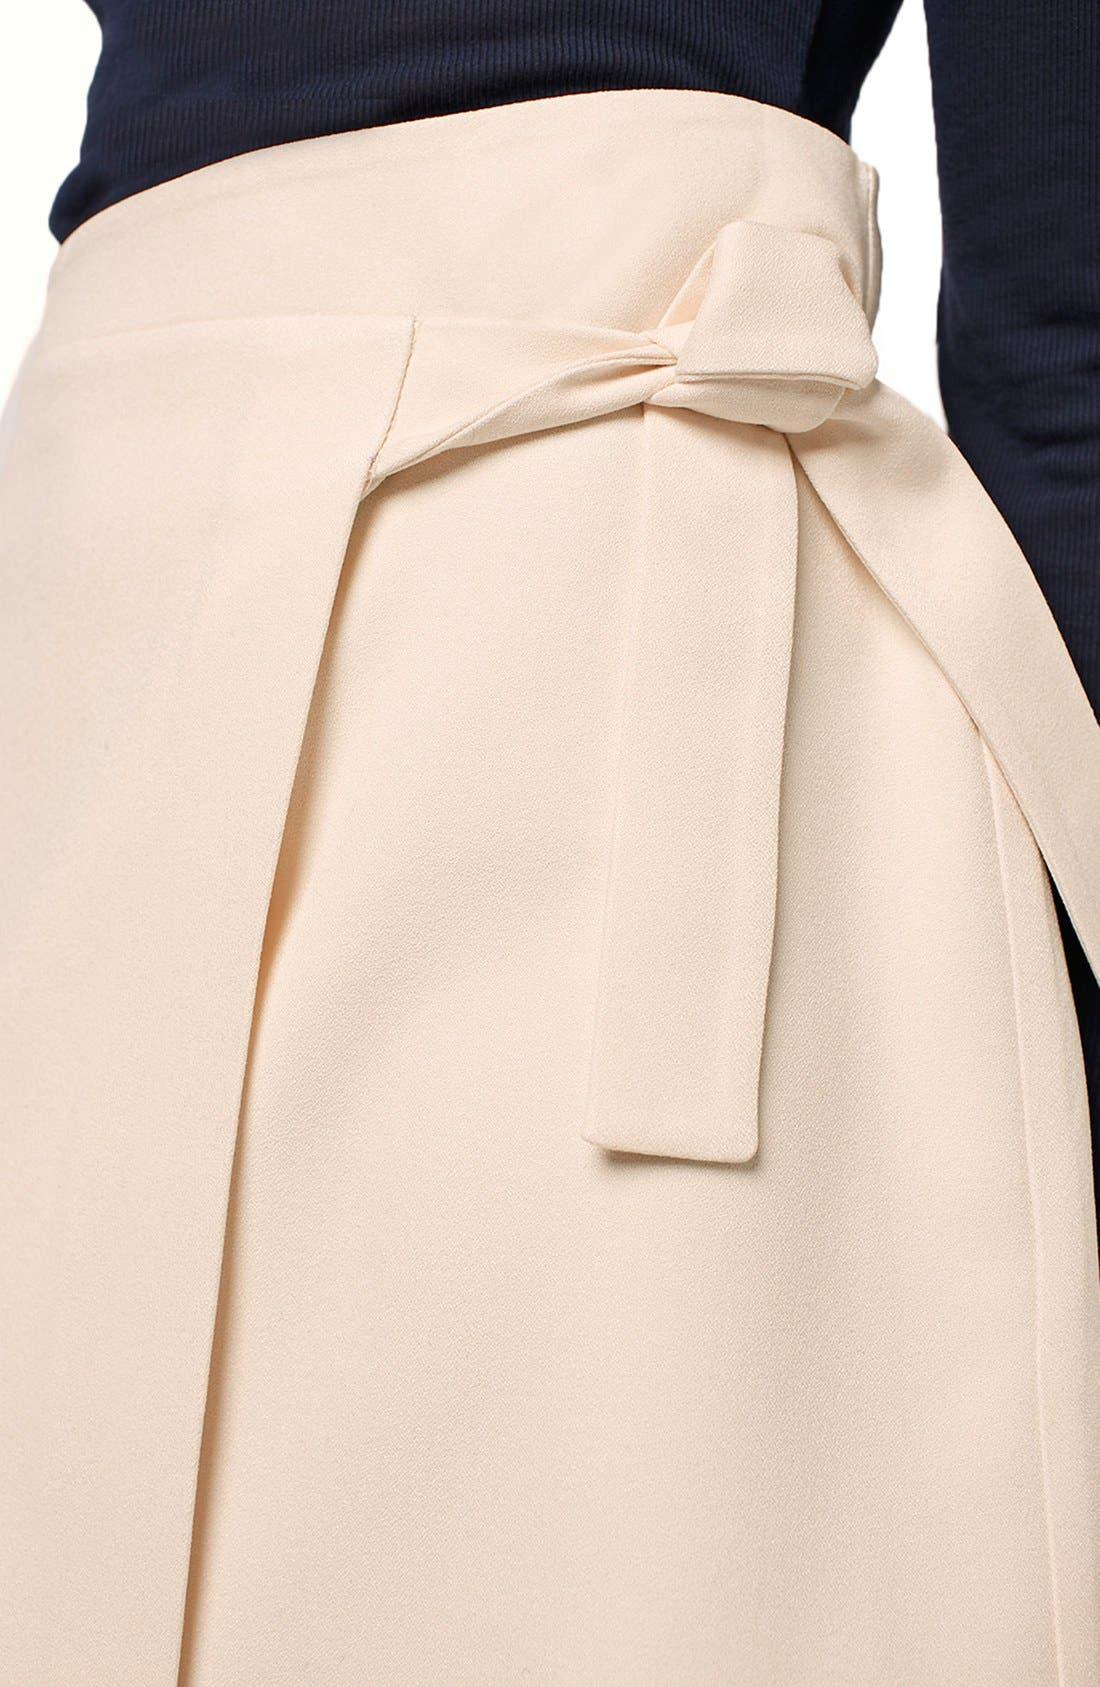 TOPSHOP, Faux Wrap Miniskirt, Alternate thumbnail 3, color, 900